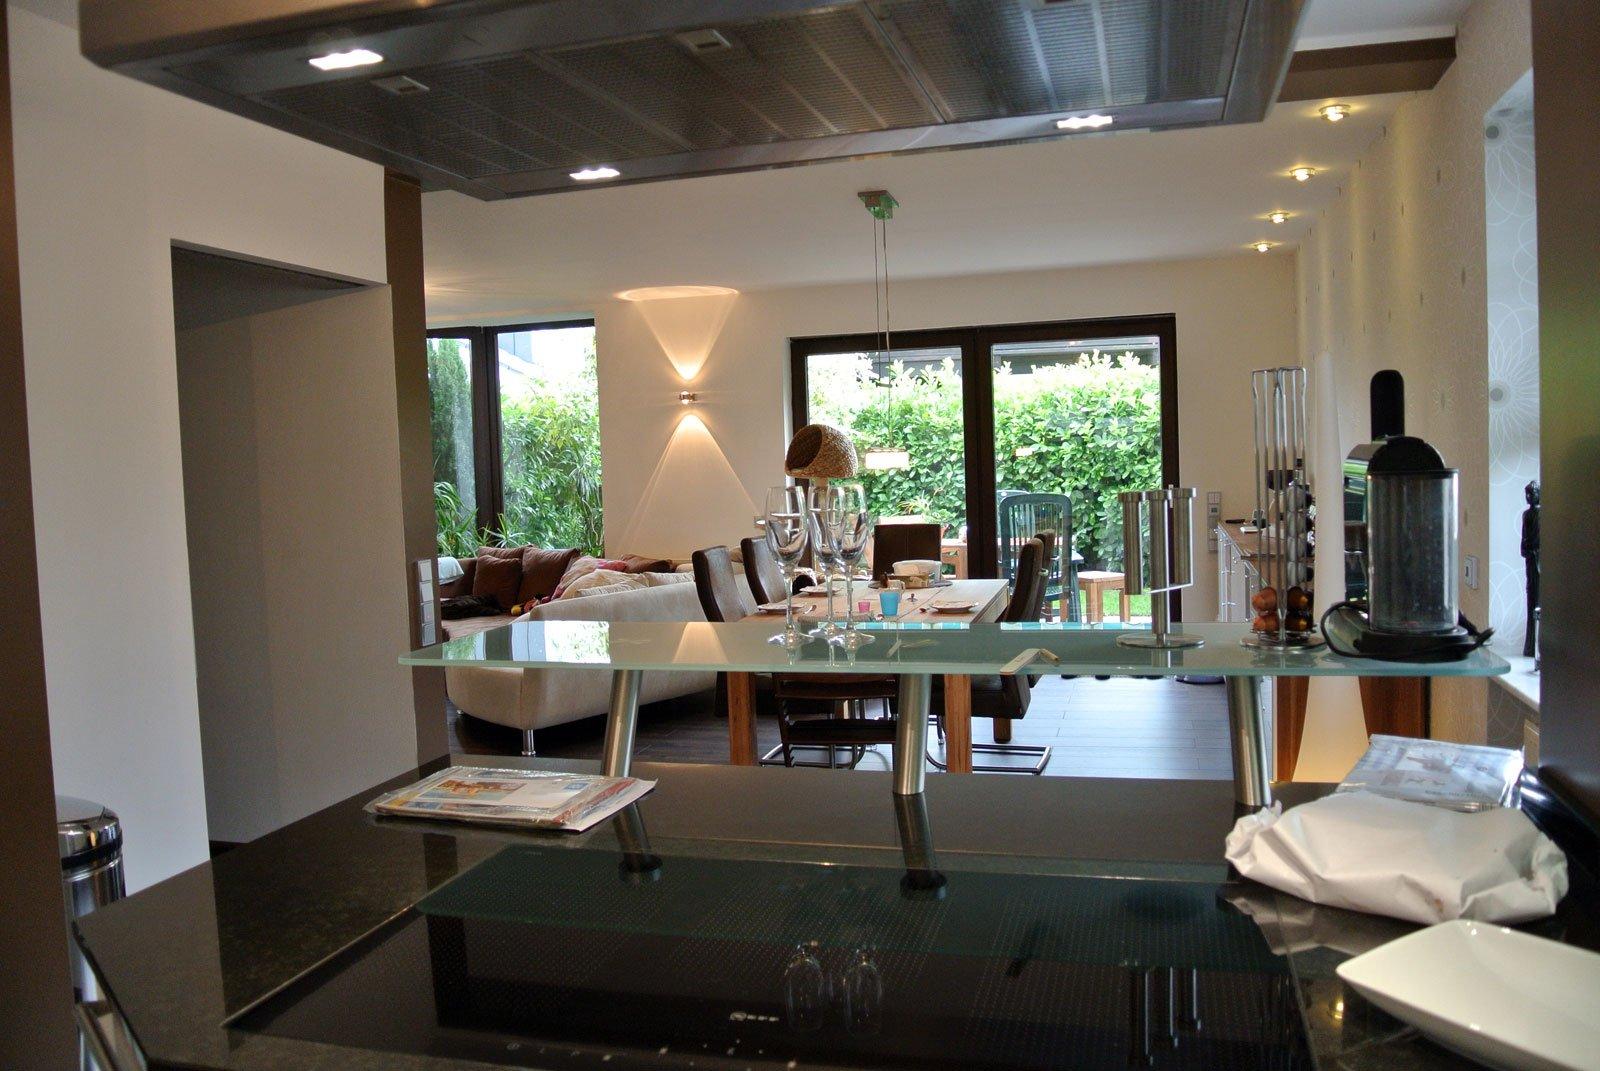 K che 39 offene k che 39 luis home zimmerschau - Offene wohnkuche mit wohnzimmer ...